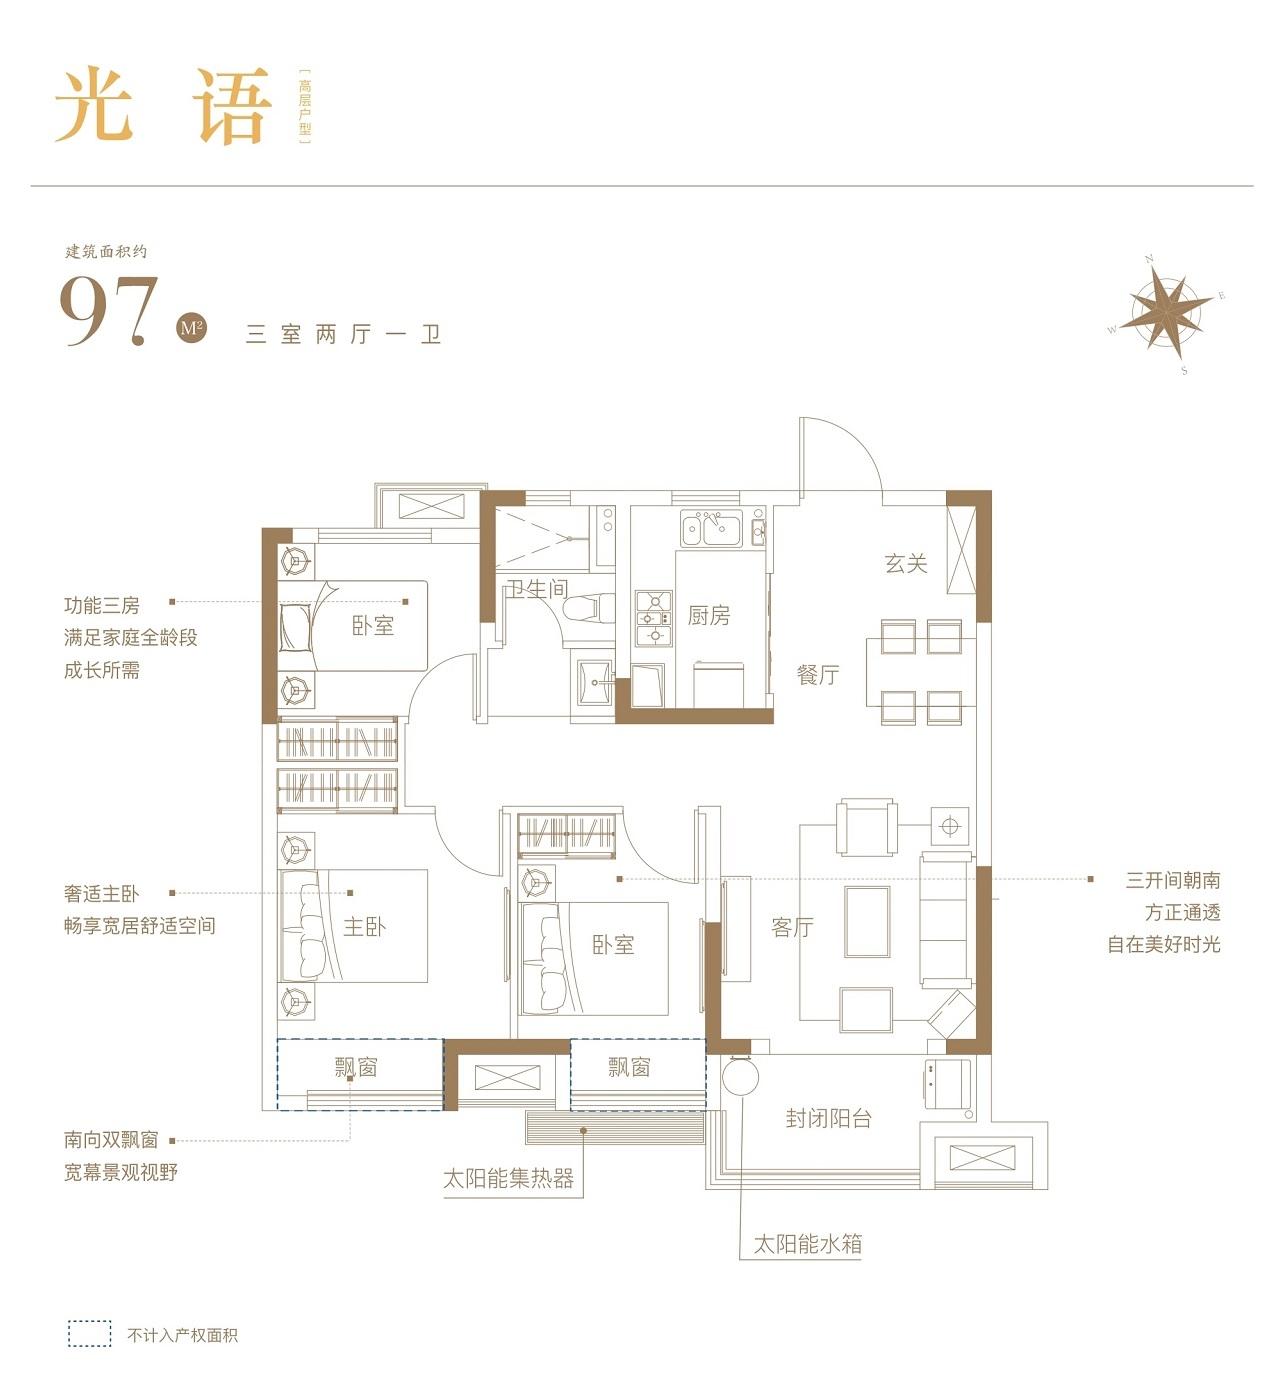 保利时光印象光语97平三室两厅一卫户型图